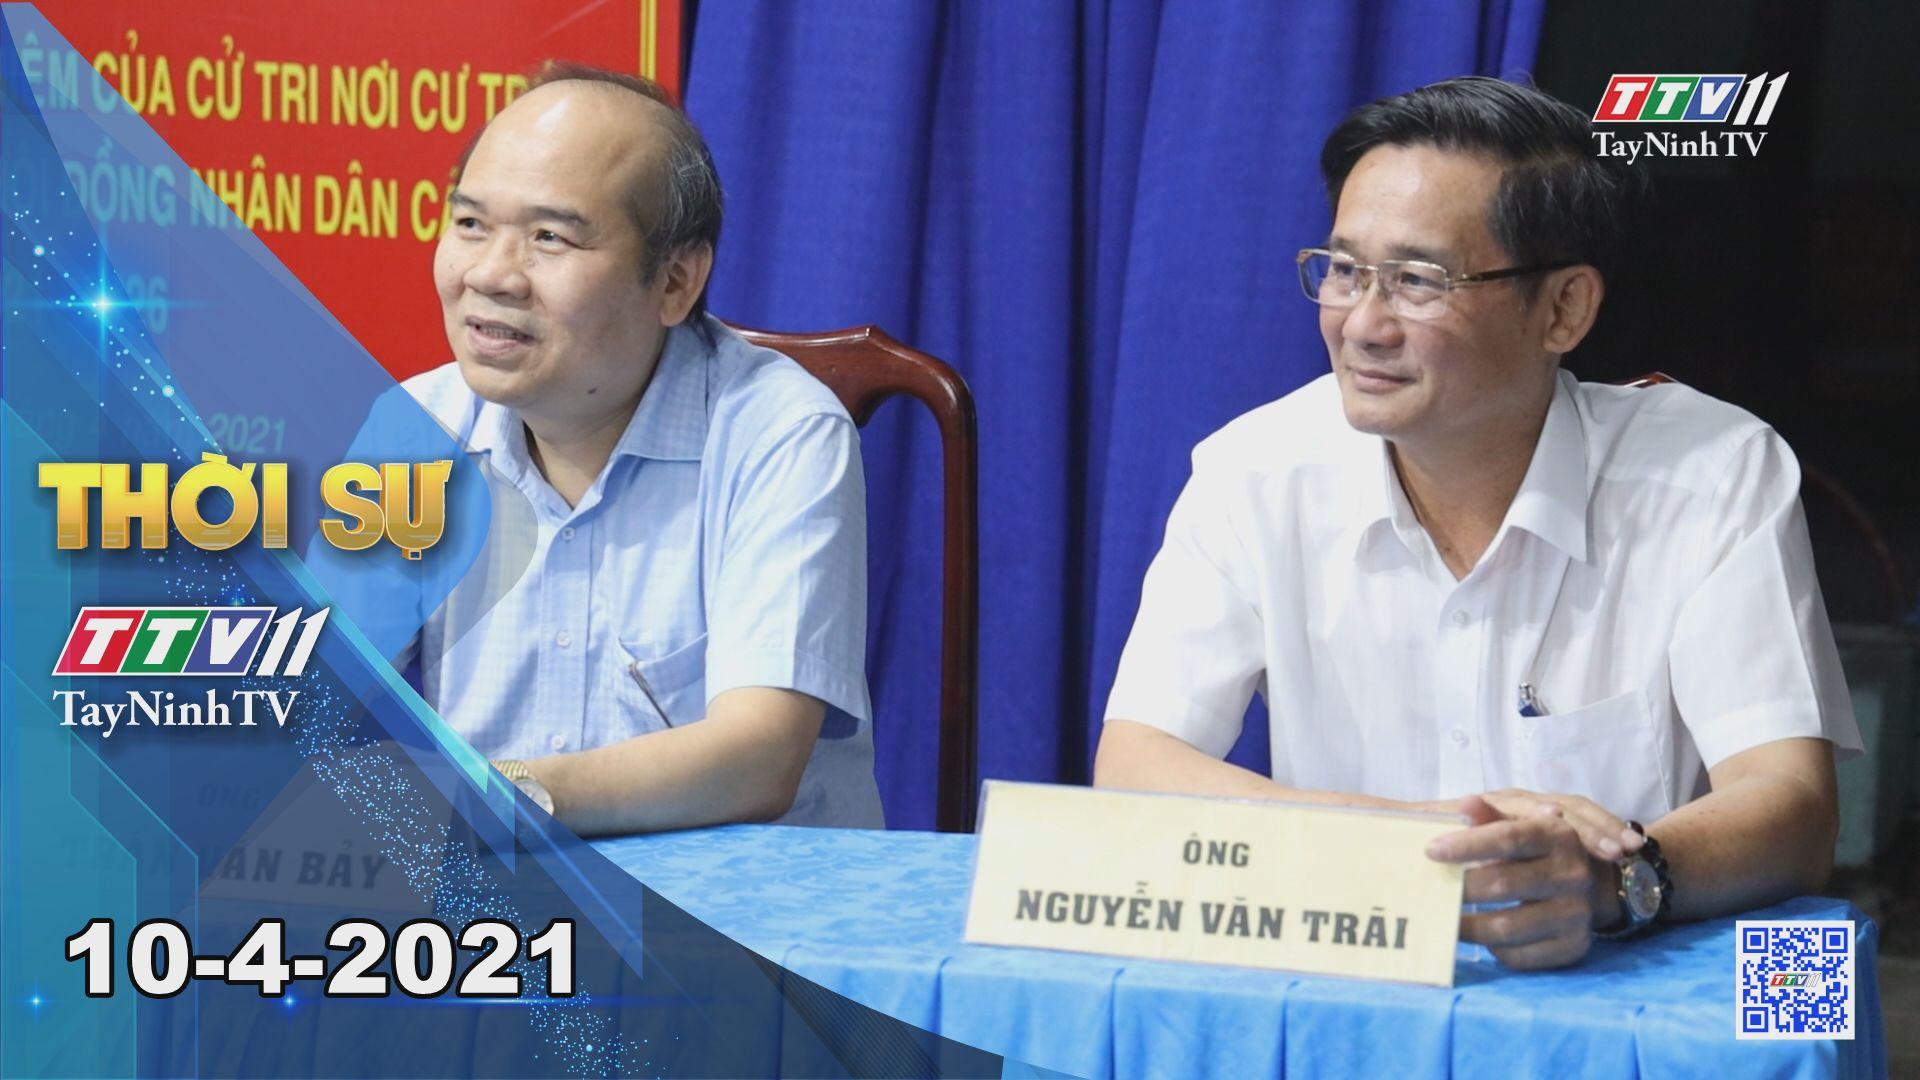 Thời sự Tây Ninh 10-4-2021 | Tin tức hôm nay | TayNinhTV